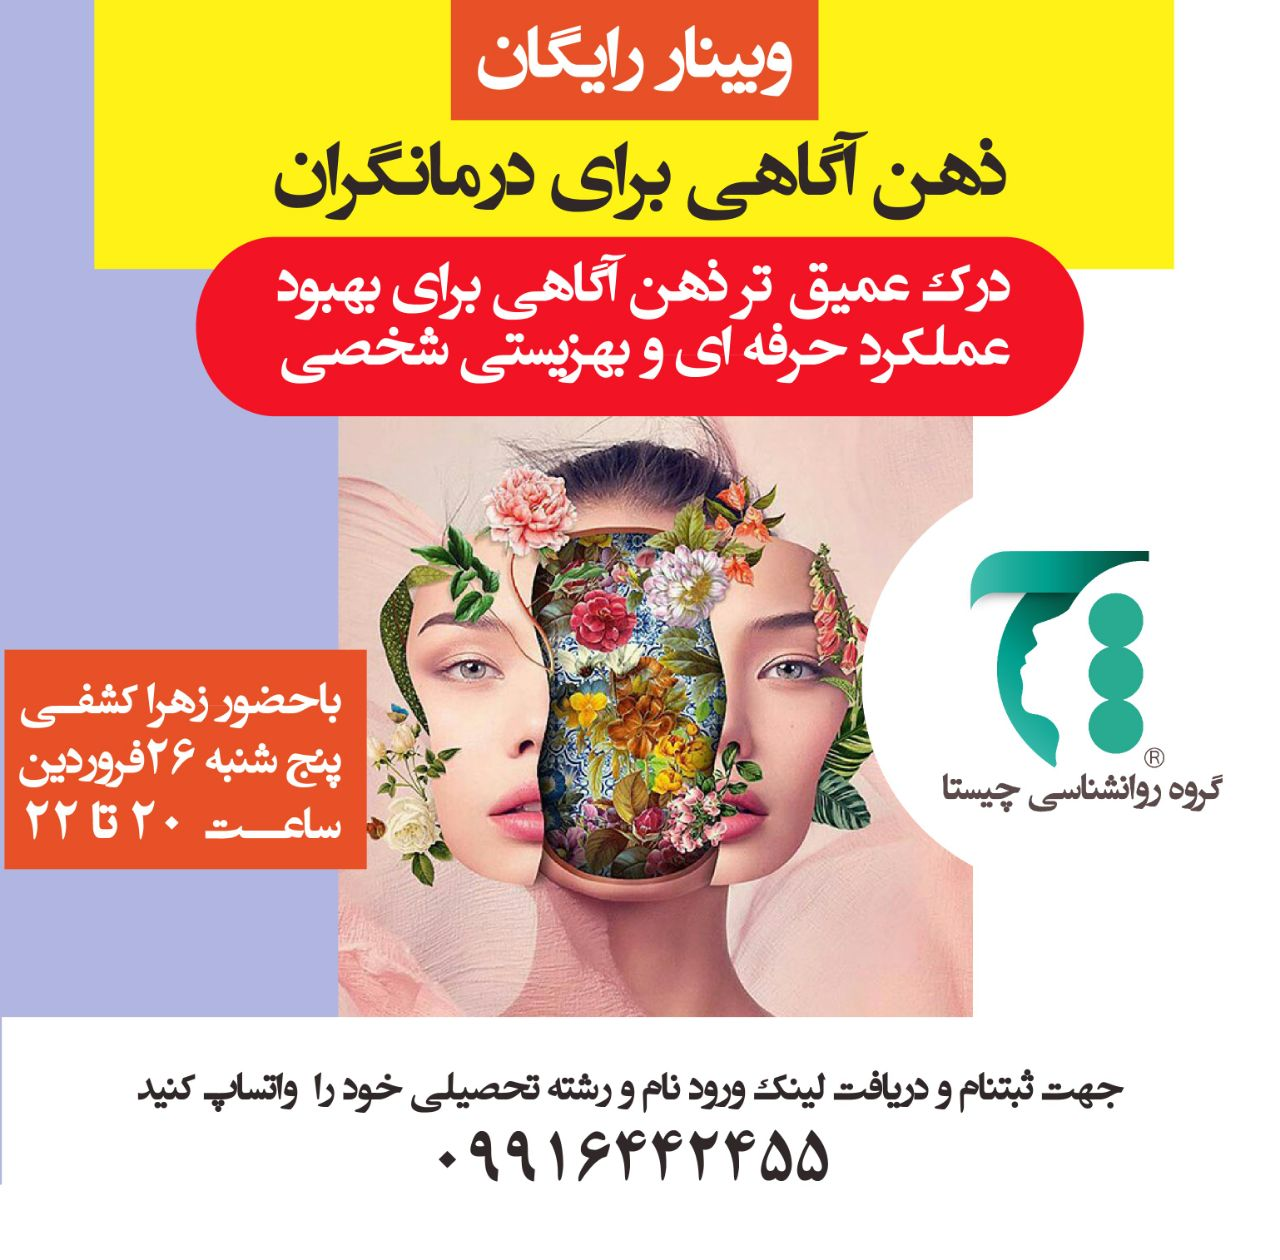 کارگاه ذهن آگاهی برای درمانگران